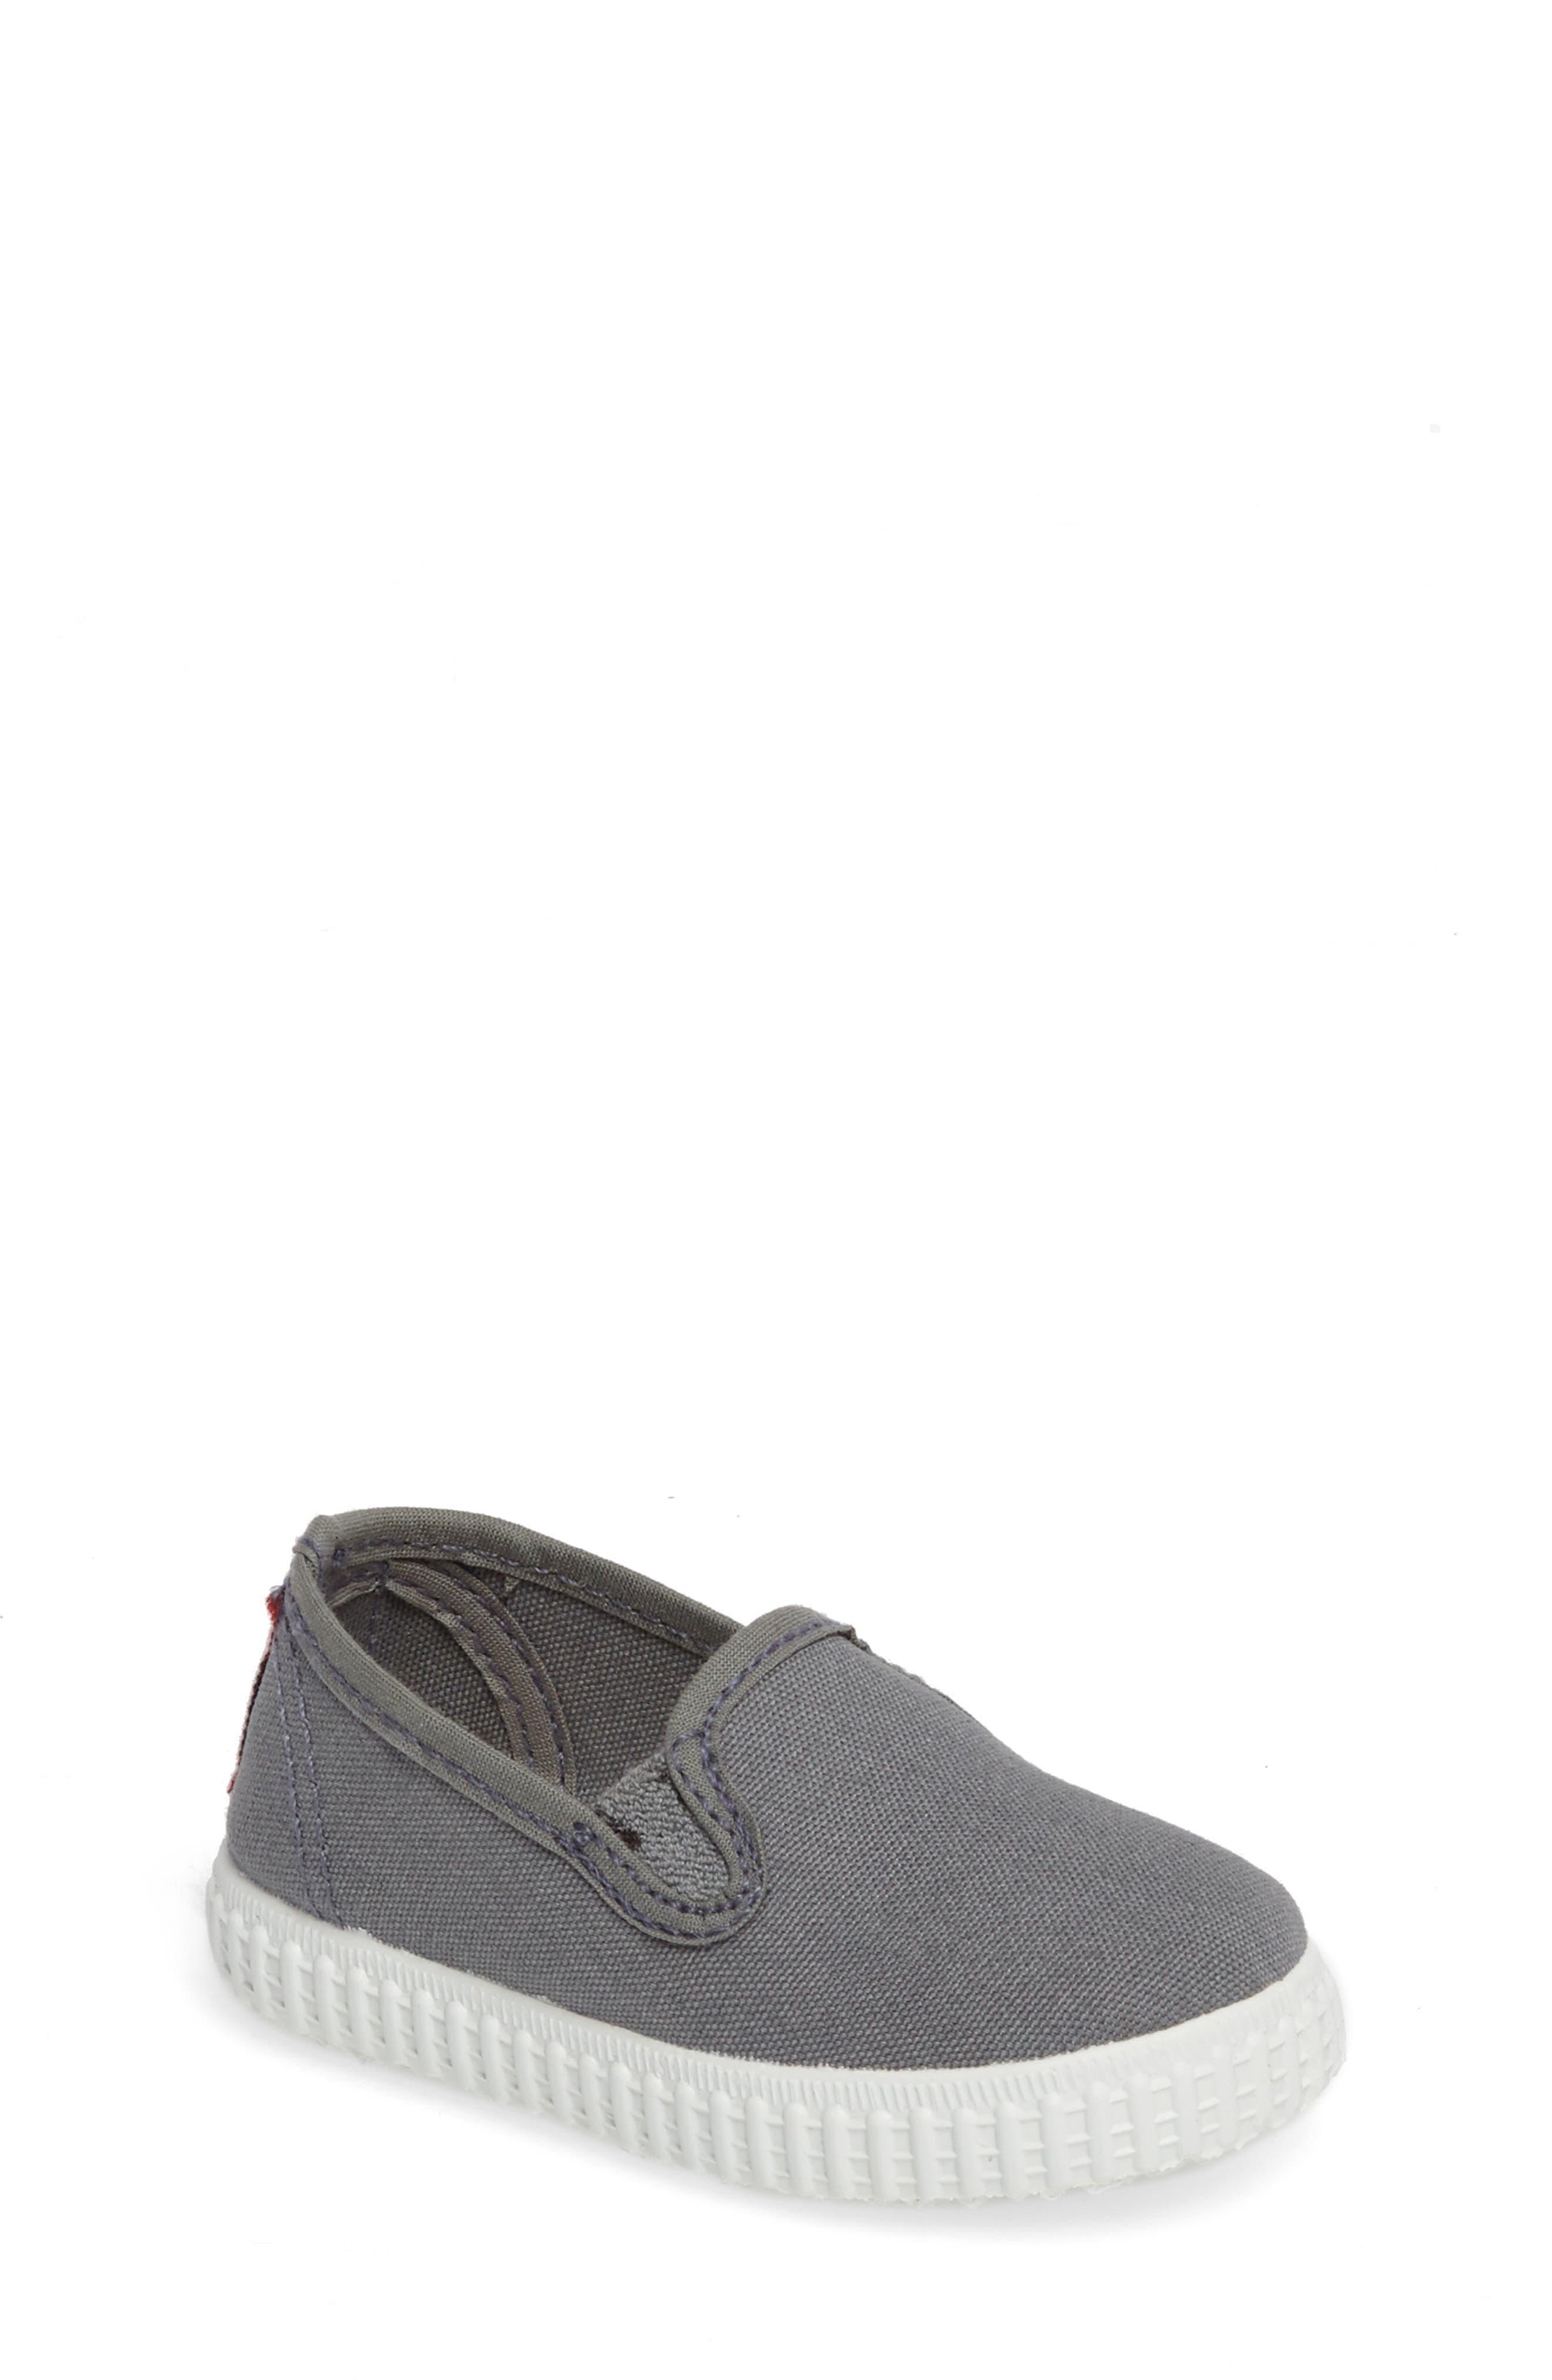 Slip-On Sneaker,                             Main thumbnail 1, color,                             020